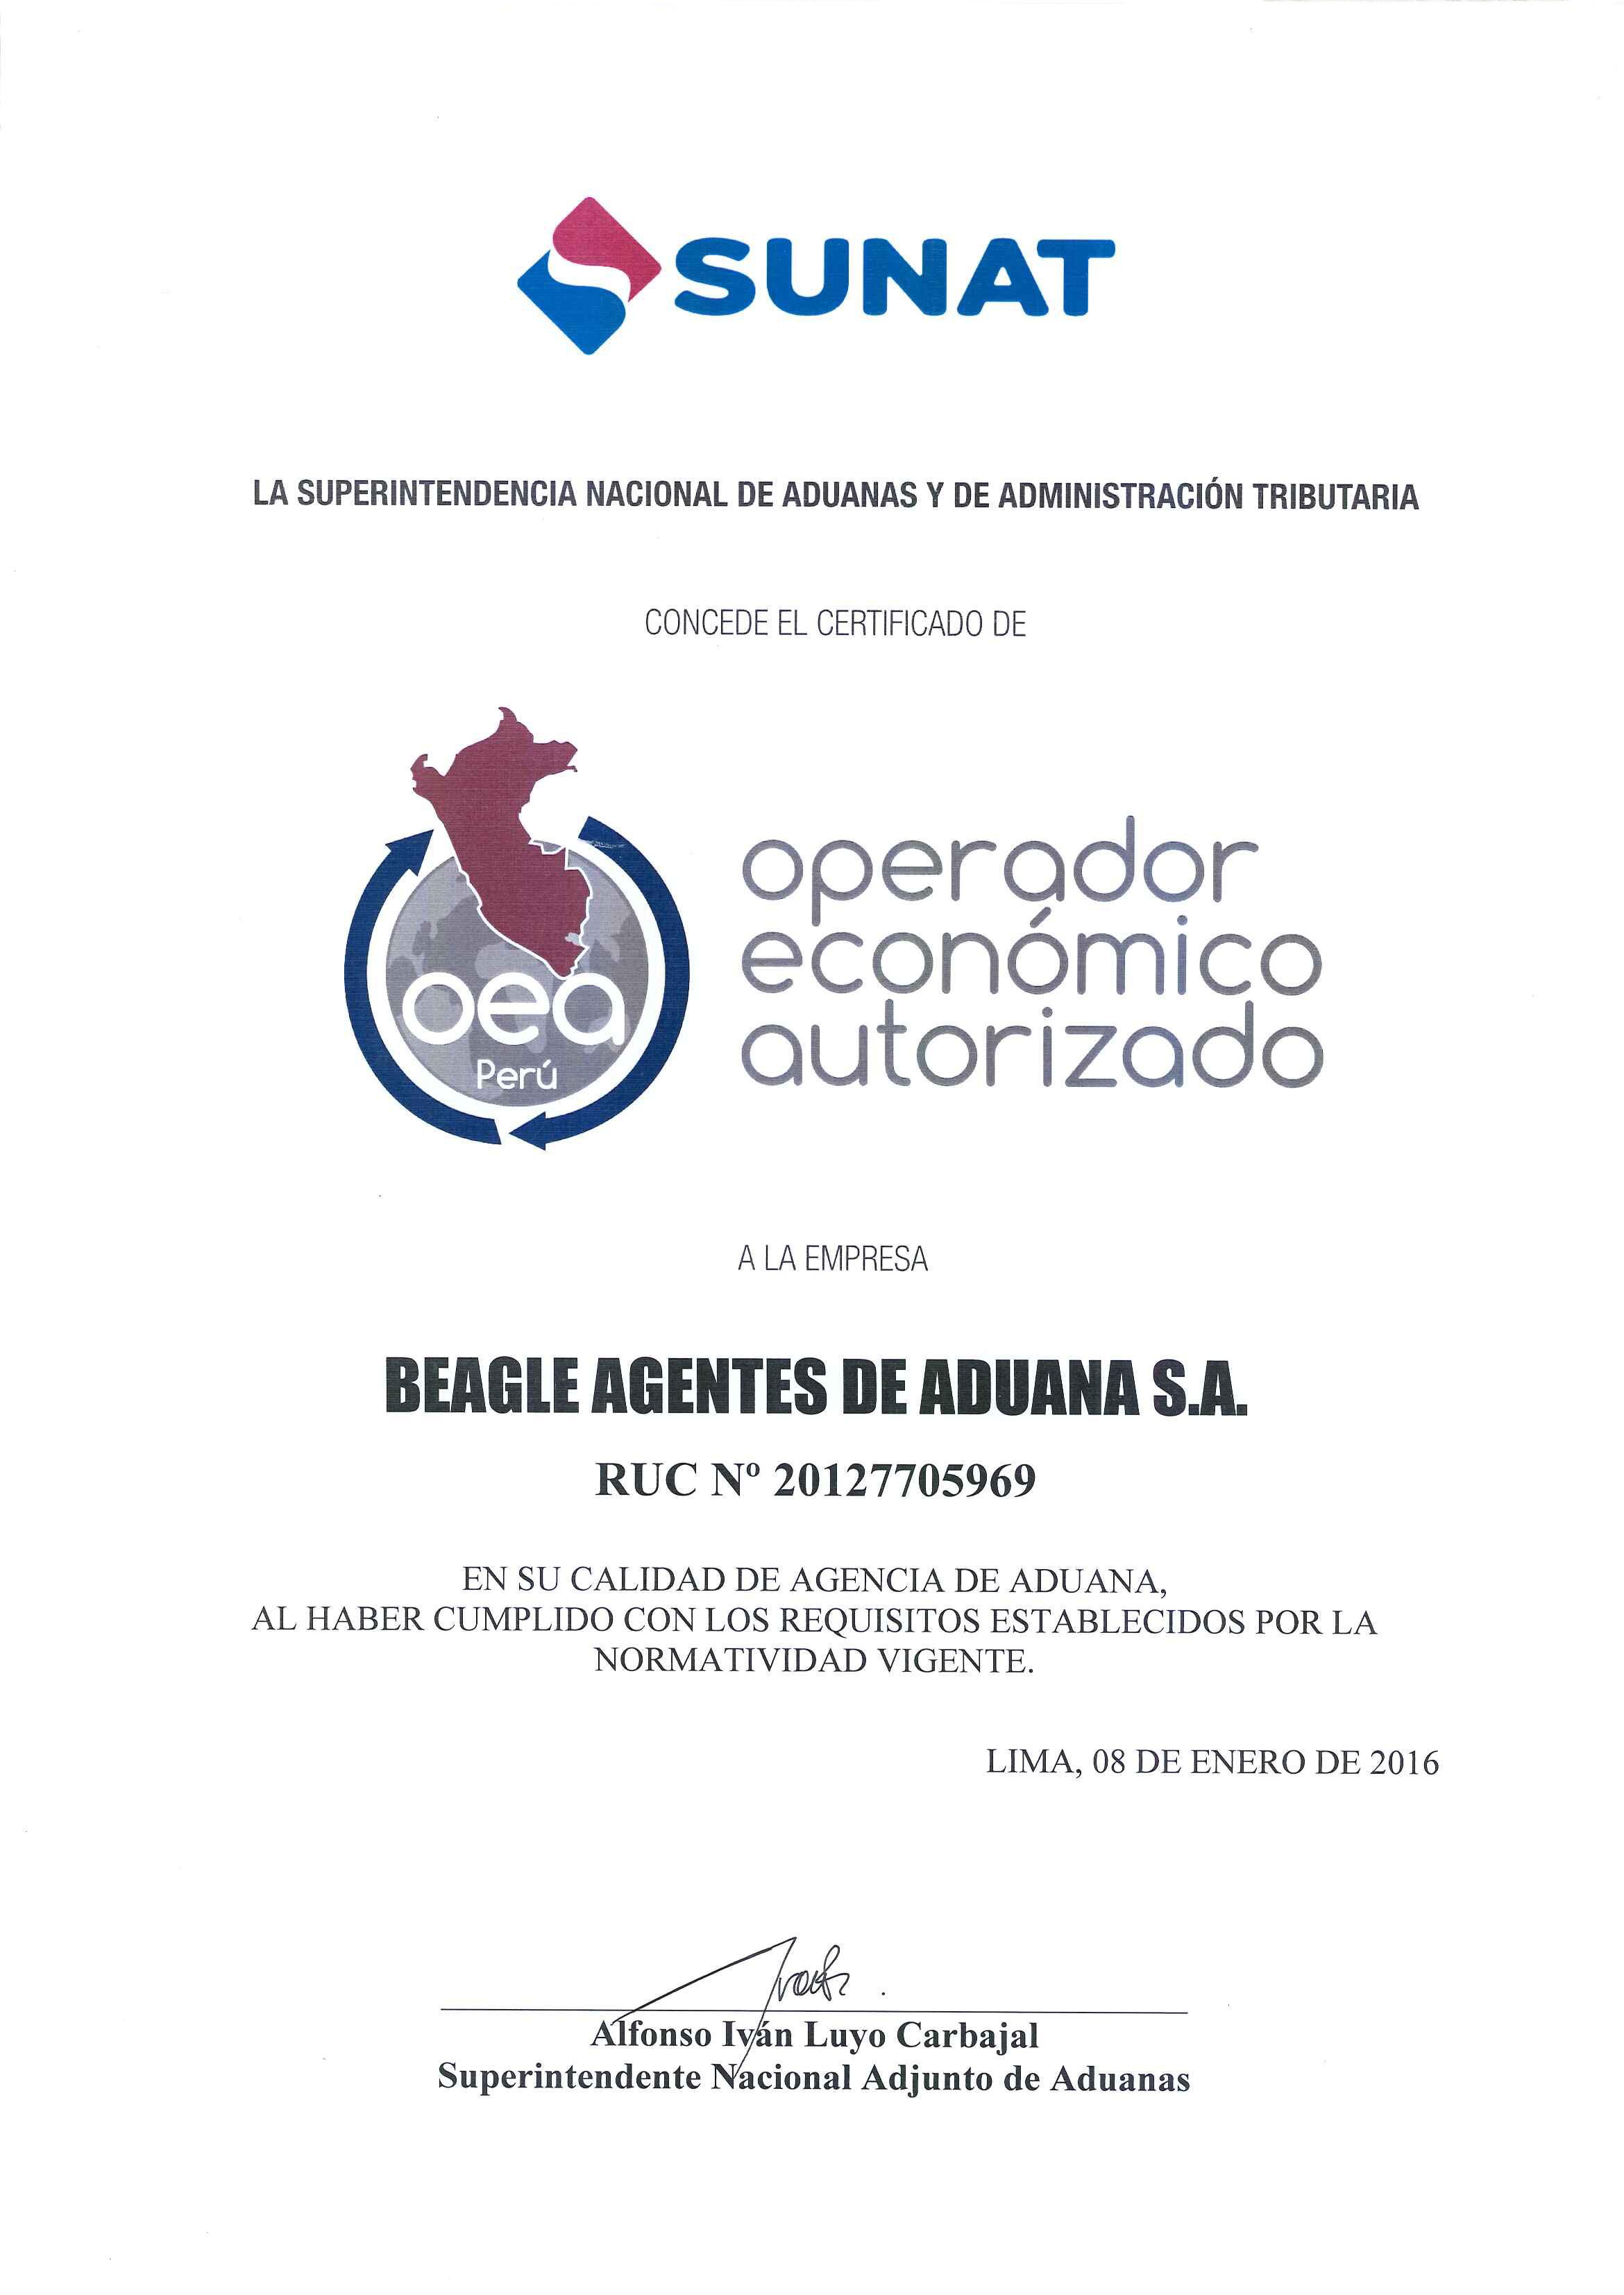 CERTIFICACION OEA - OPERADOR ECONOMICO AUTORIZADO